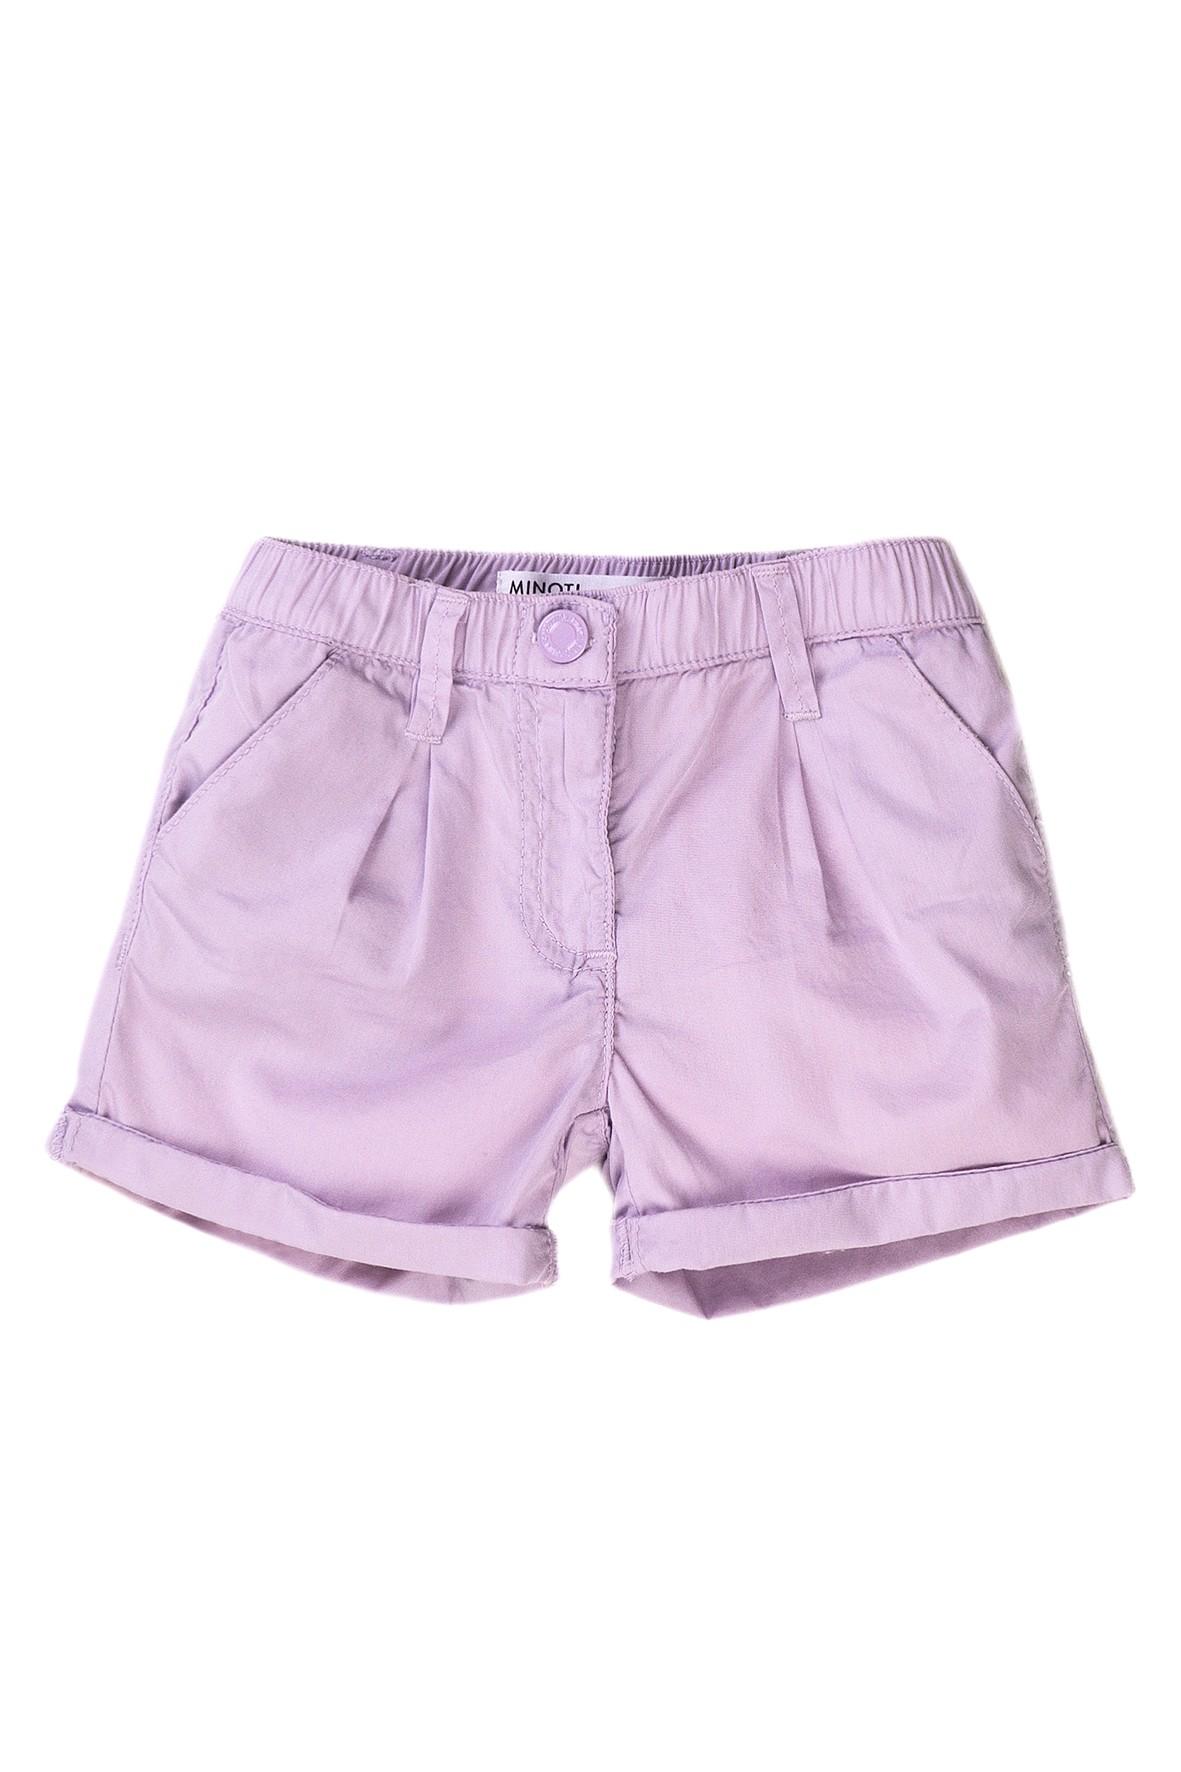 Bawełniane szorty niemowlęce fioletowe